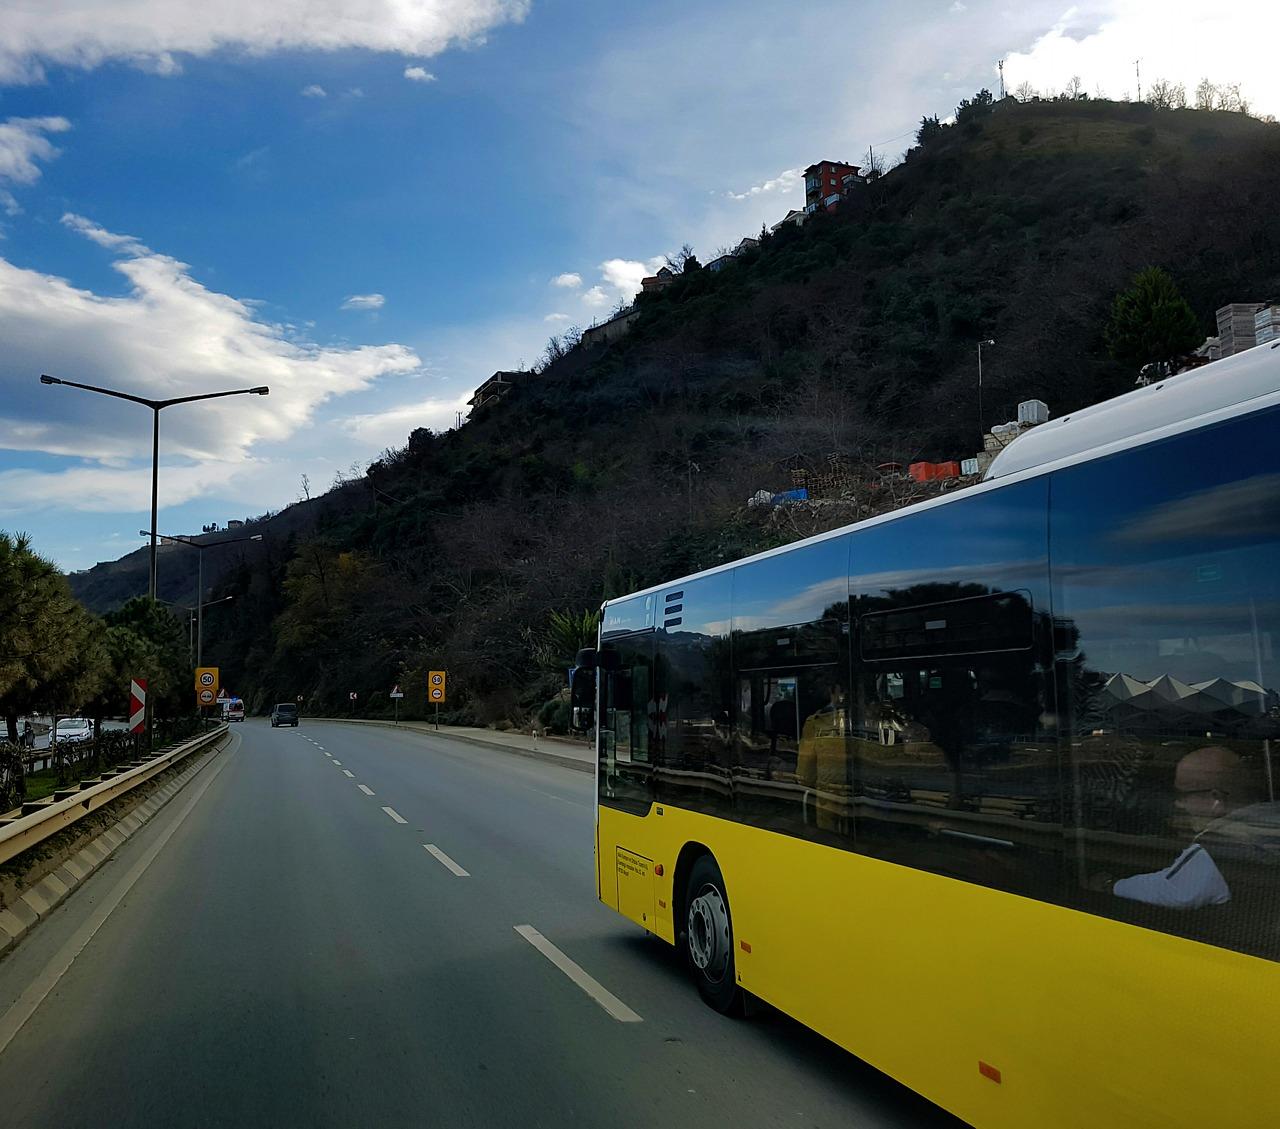 подорожі автобусом: за і проти